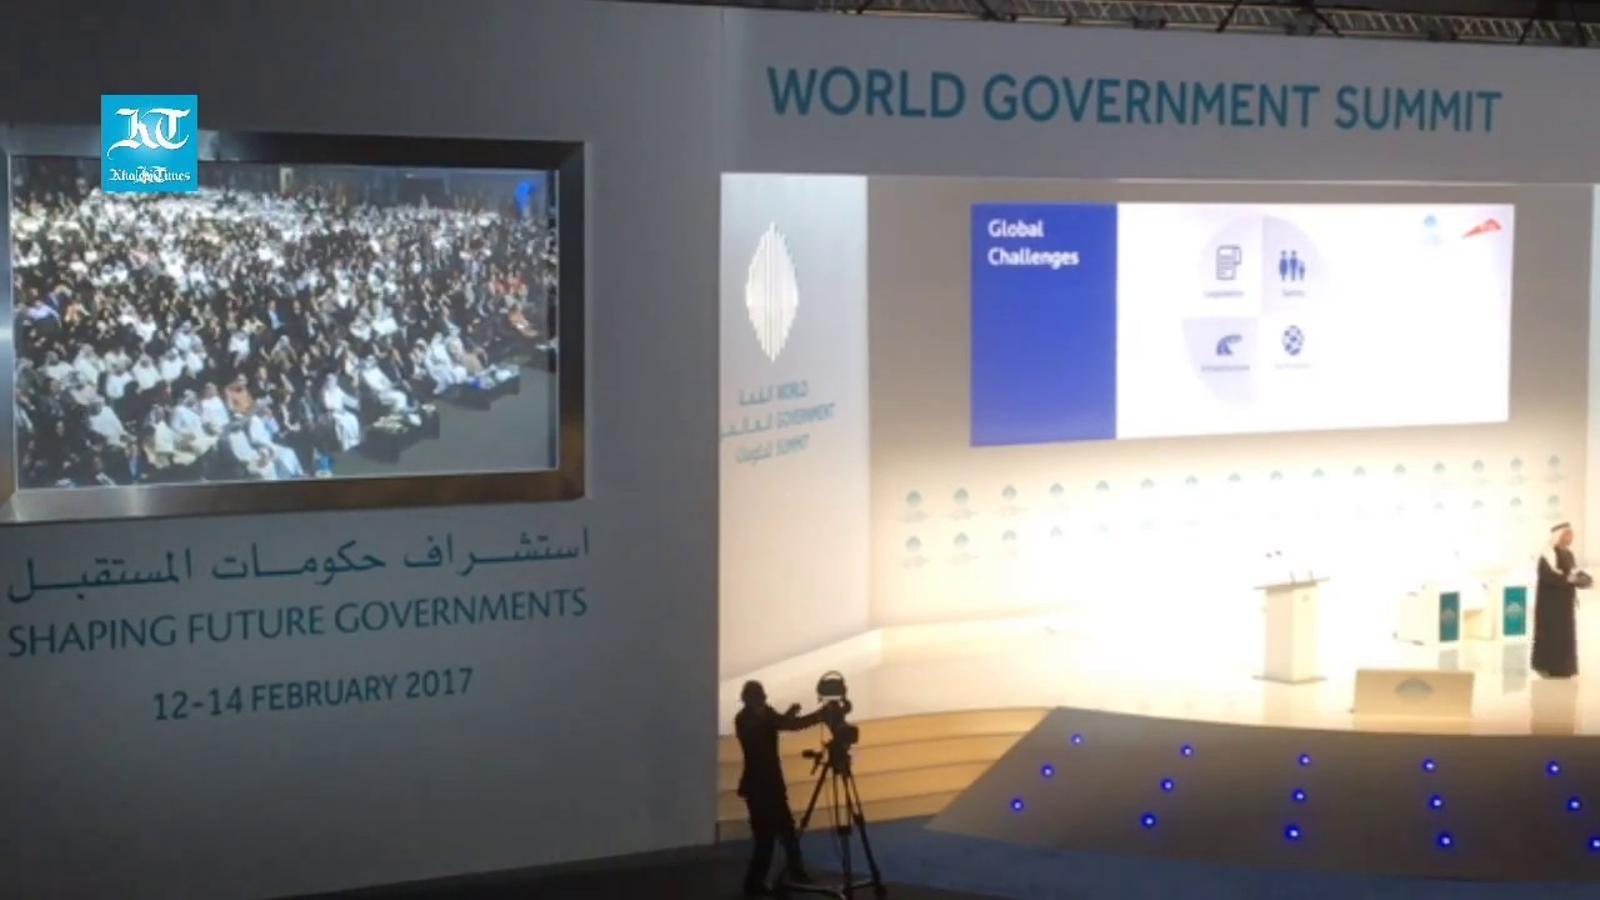 La conferència d'Elon Musk el passat mes de febrer a Dubai